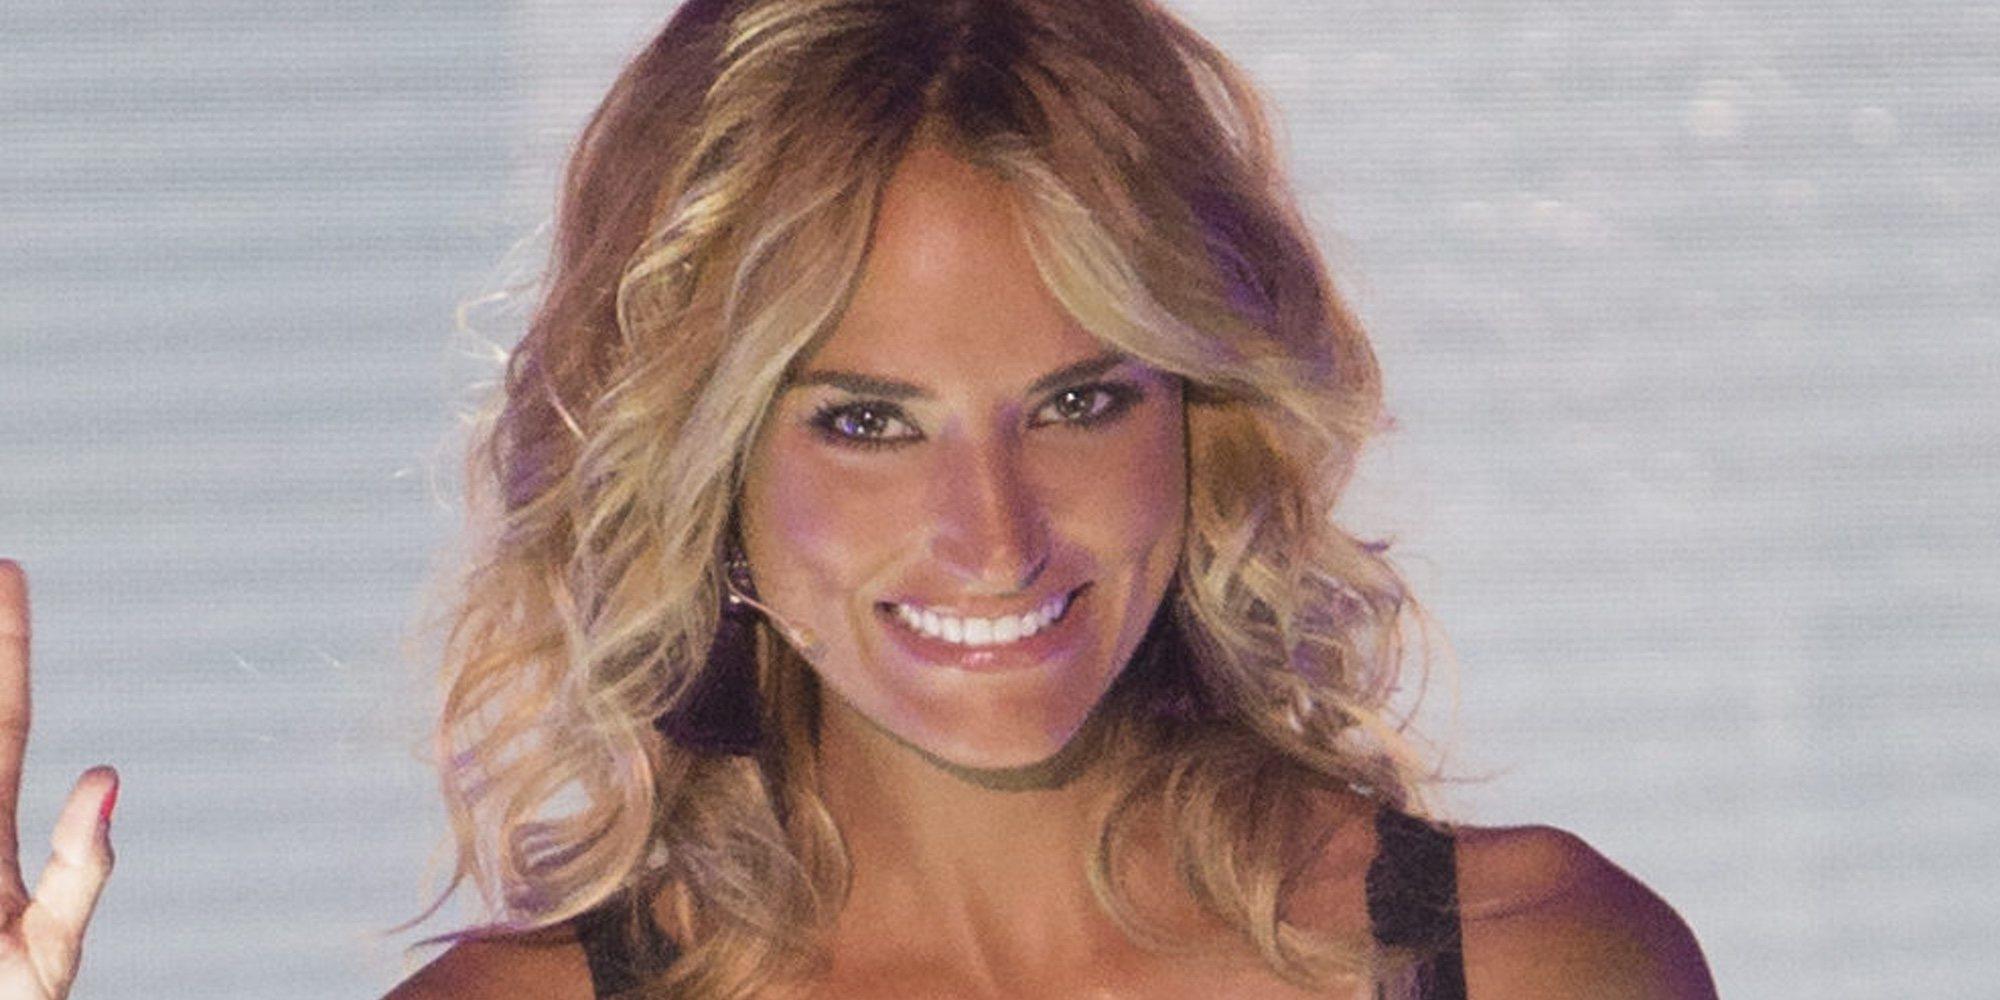 Alba Carrillo Se Desnuda Por Completo Prometí Foto En Bikini Pero